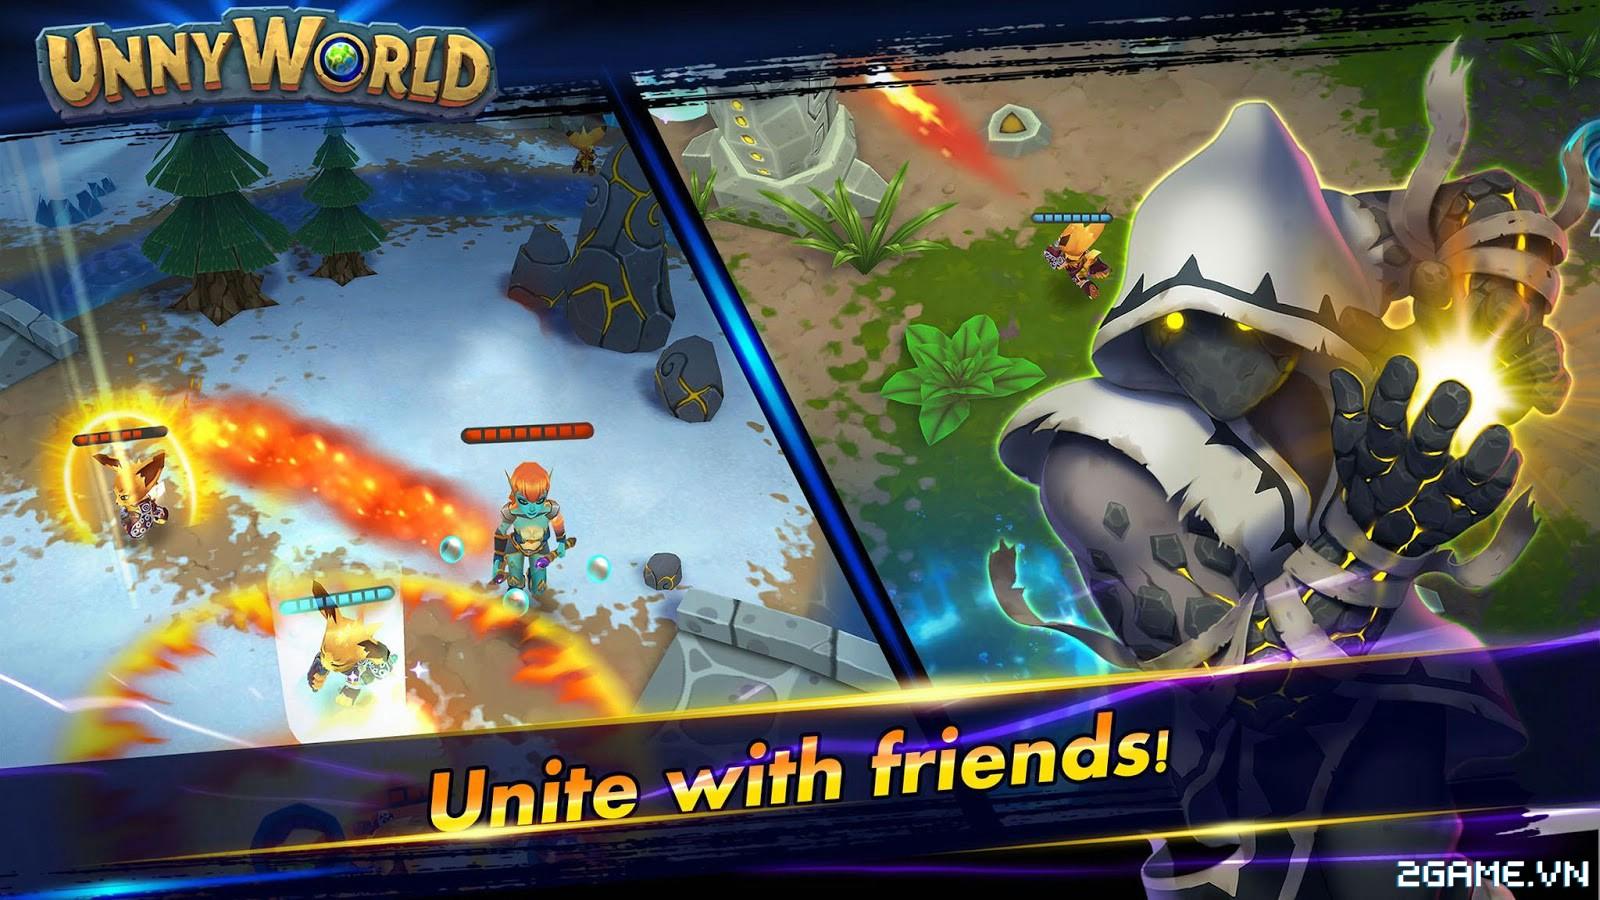 UnnyWorld – Game MOBA với phong cách bản đồ và lối chơi siêu dị 5